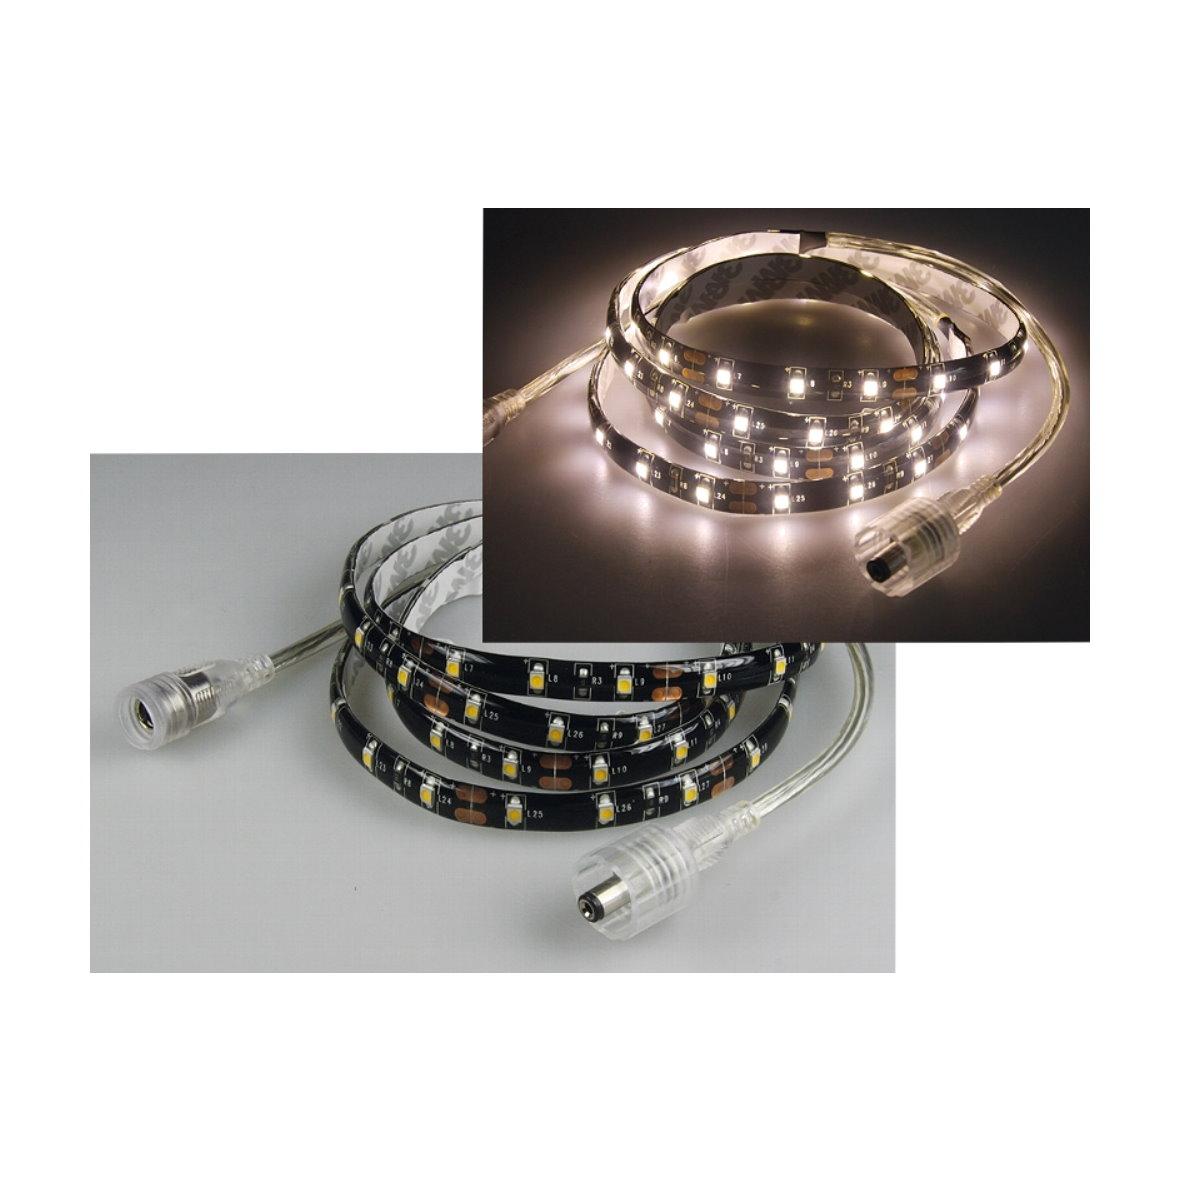 led lichtband licht band stripe streifen dimmbar rgb 3528 4028 5050 5630 bis 40m ebay. Black Bedroom Furniture Sets. Home Design Ideas